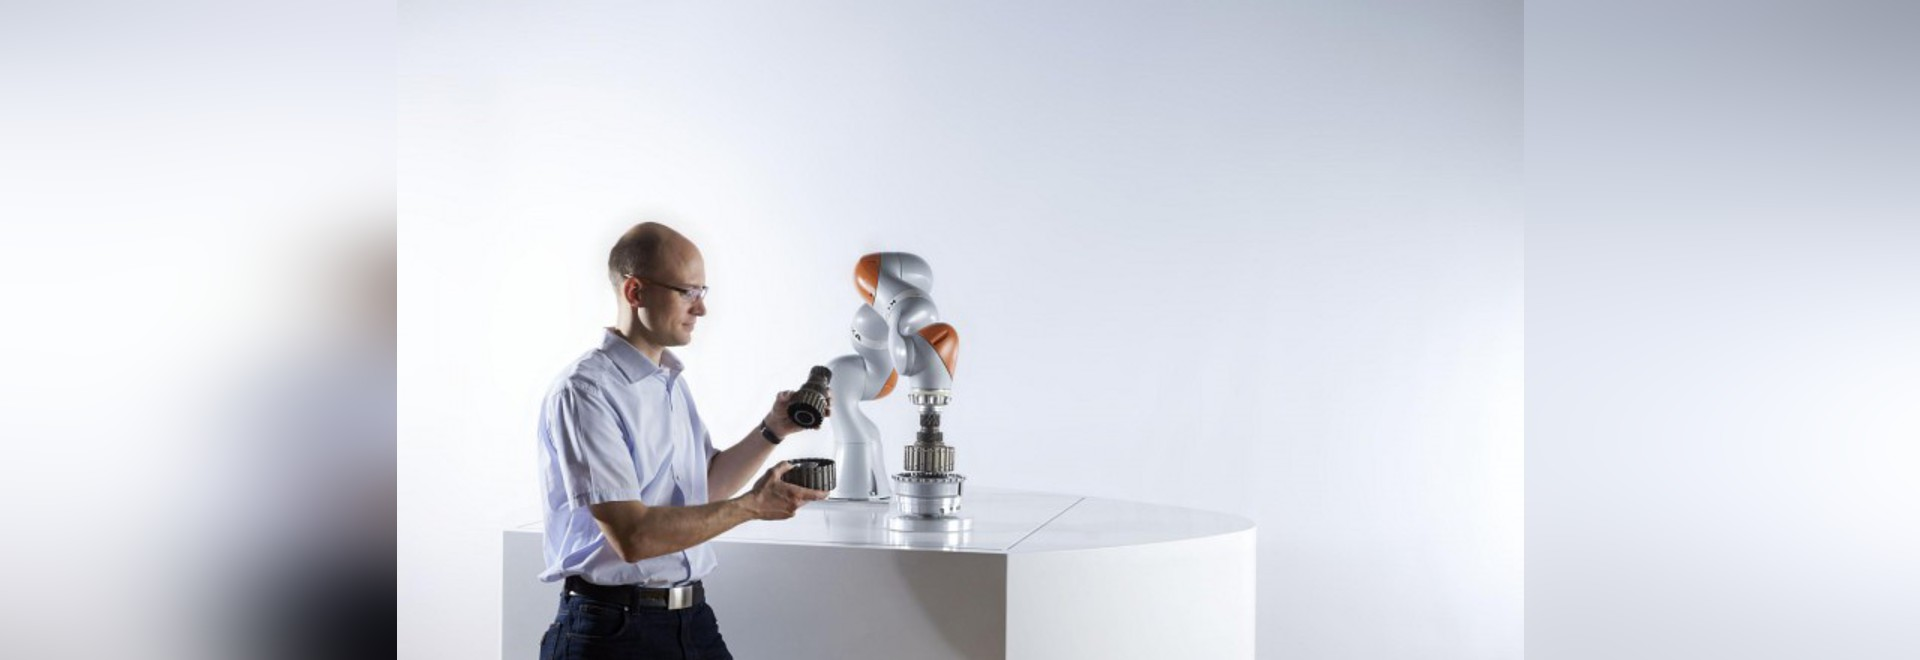 COBOTS: IL FUTURO DI COLLABORAZIONE DI HUMAN-ROBOT